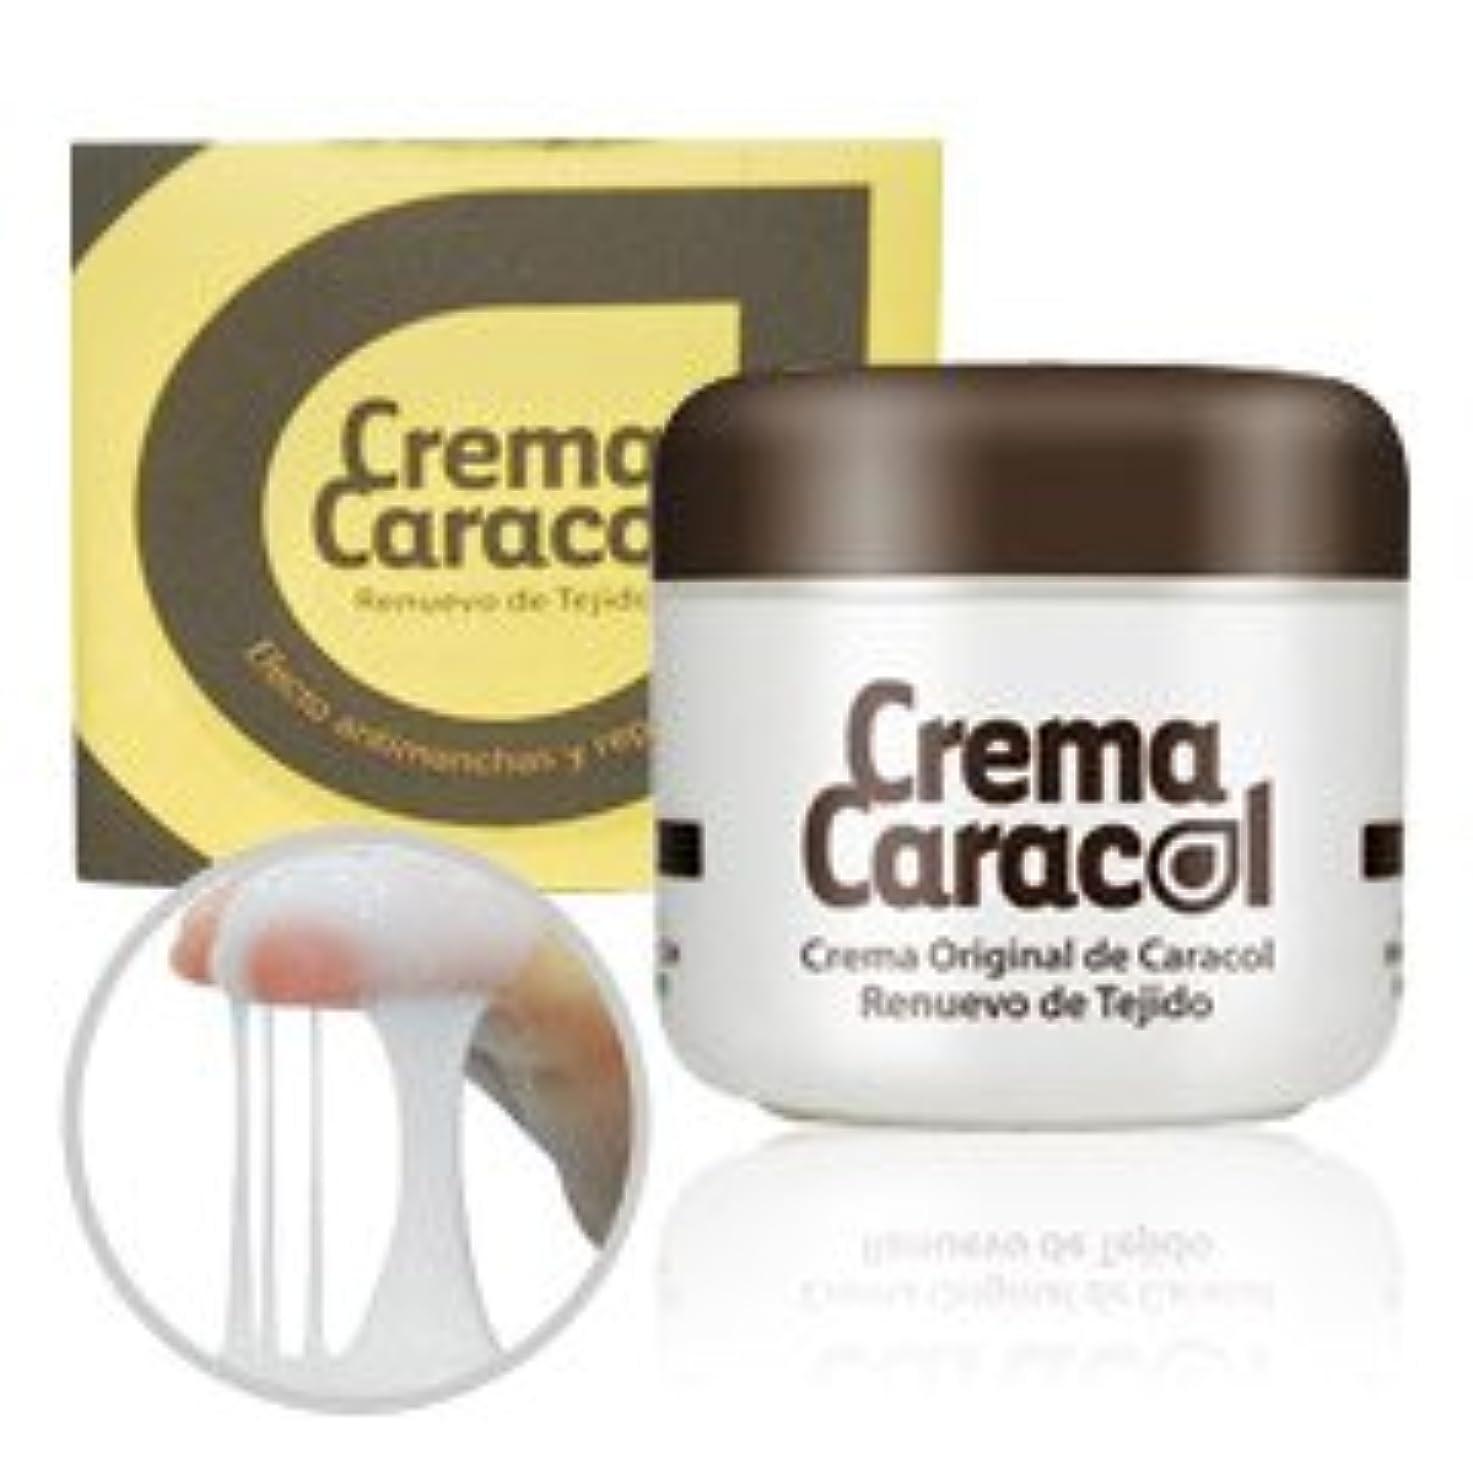 放つ仮装かるcrema caracol(カラコール) かたつむりクリーム 3個セット